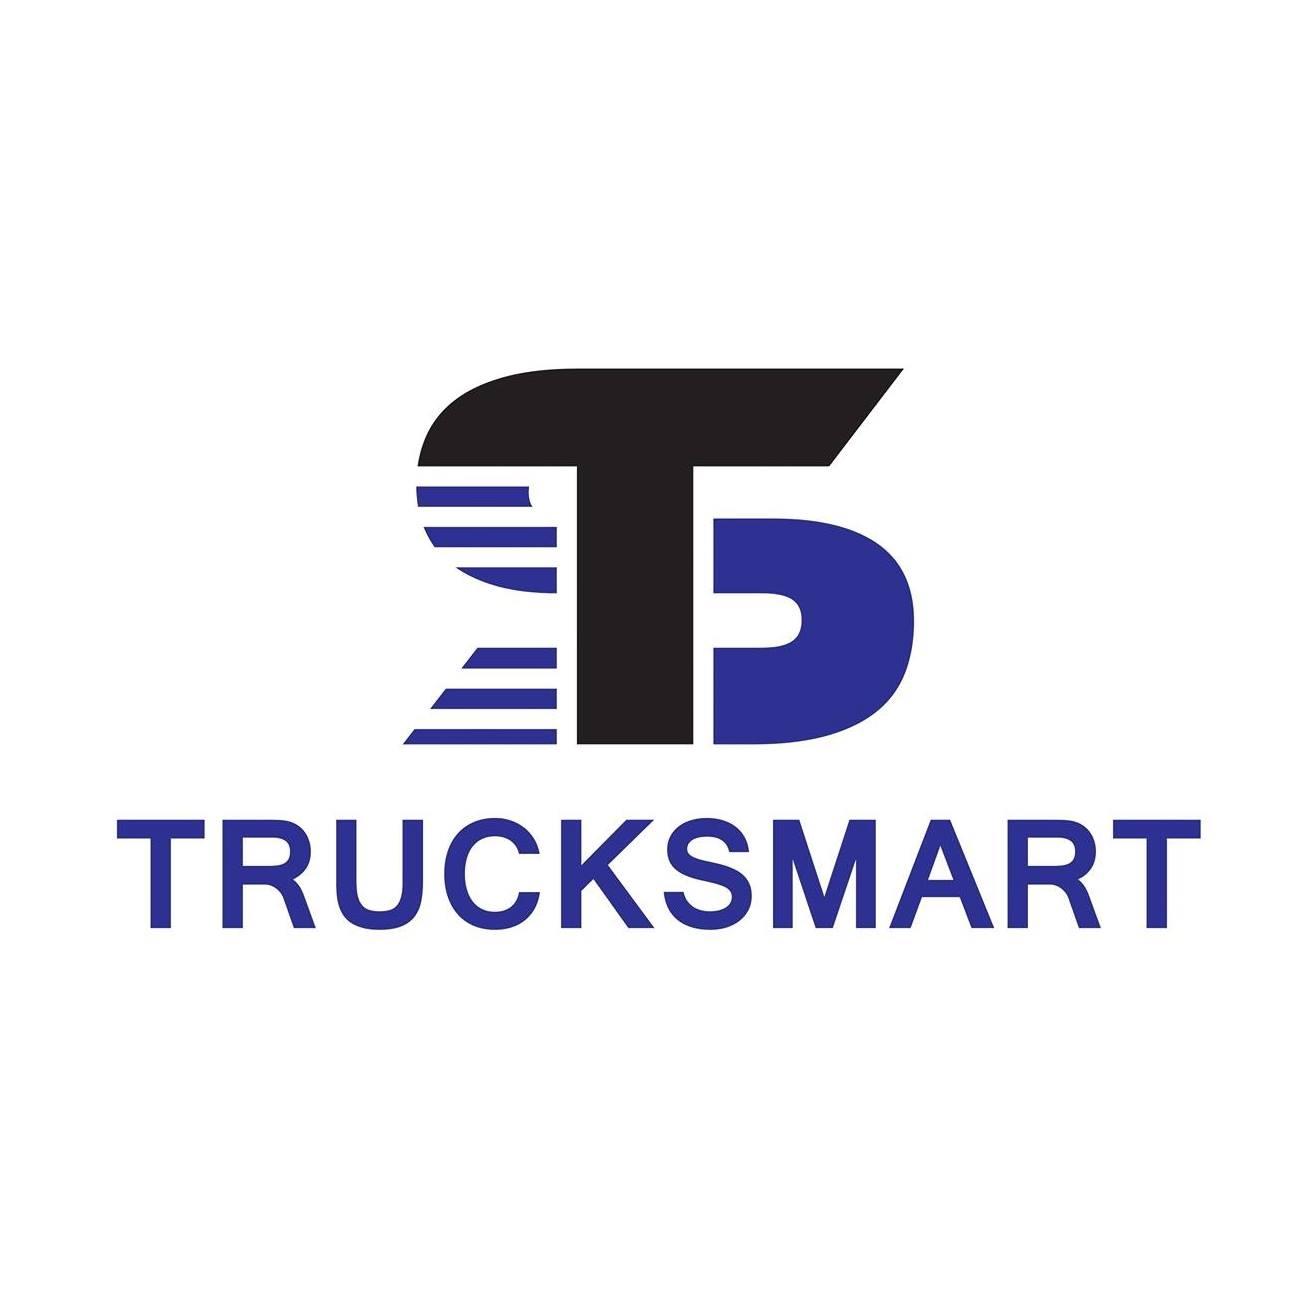 Trucksmart